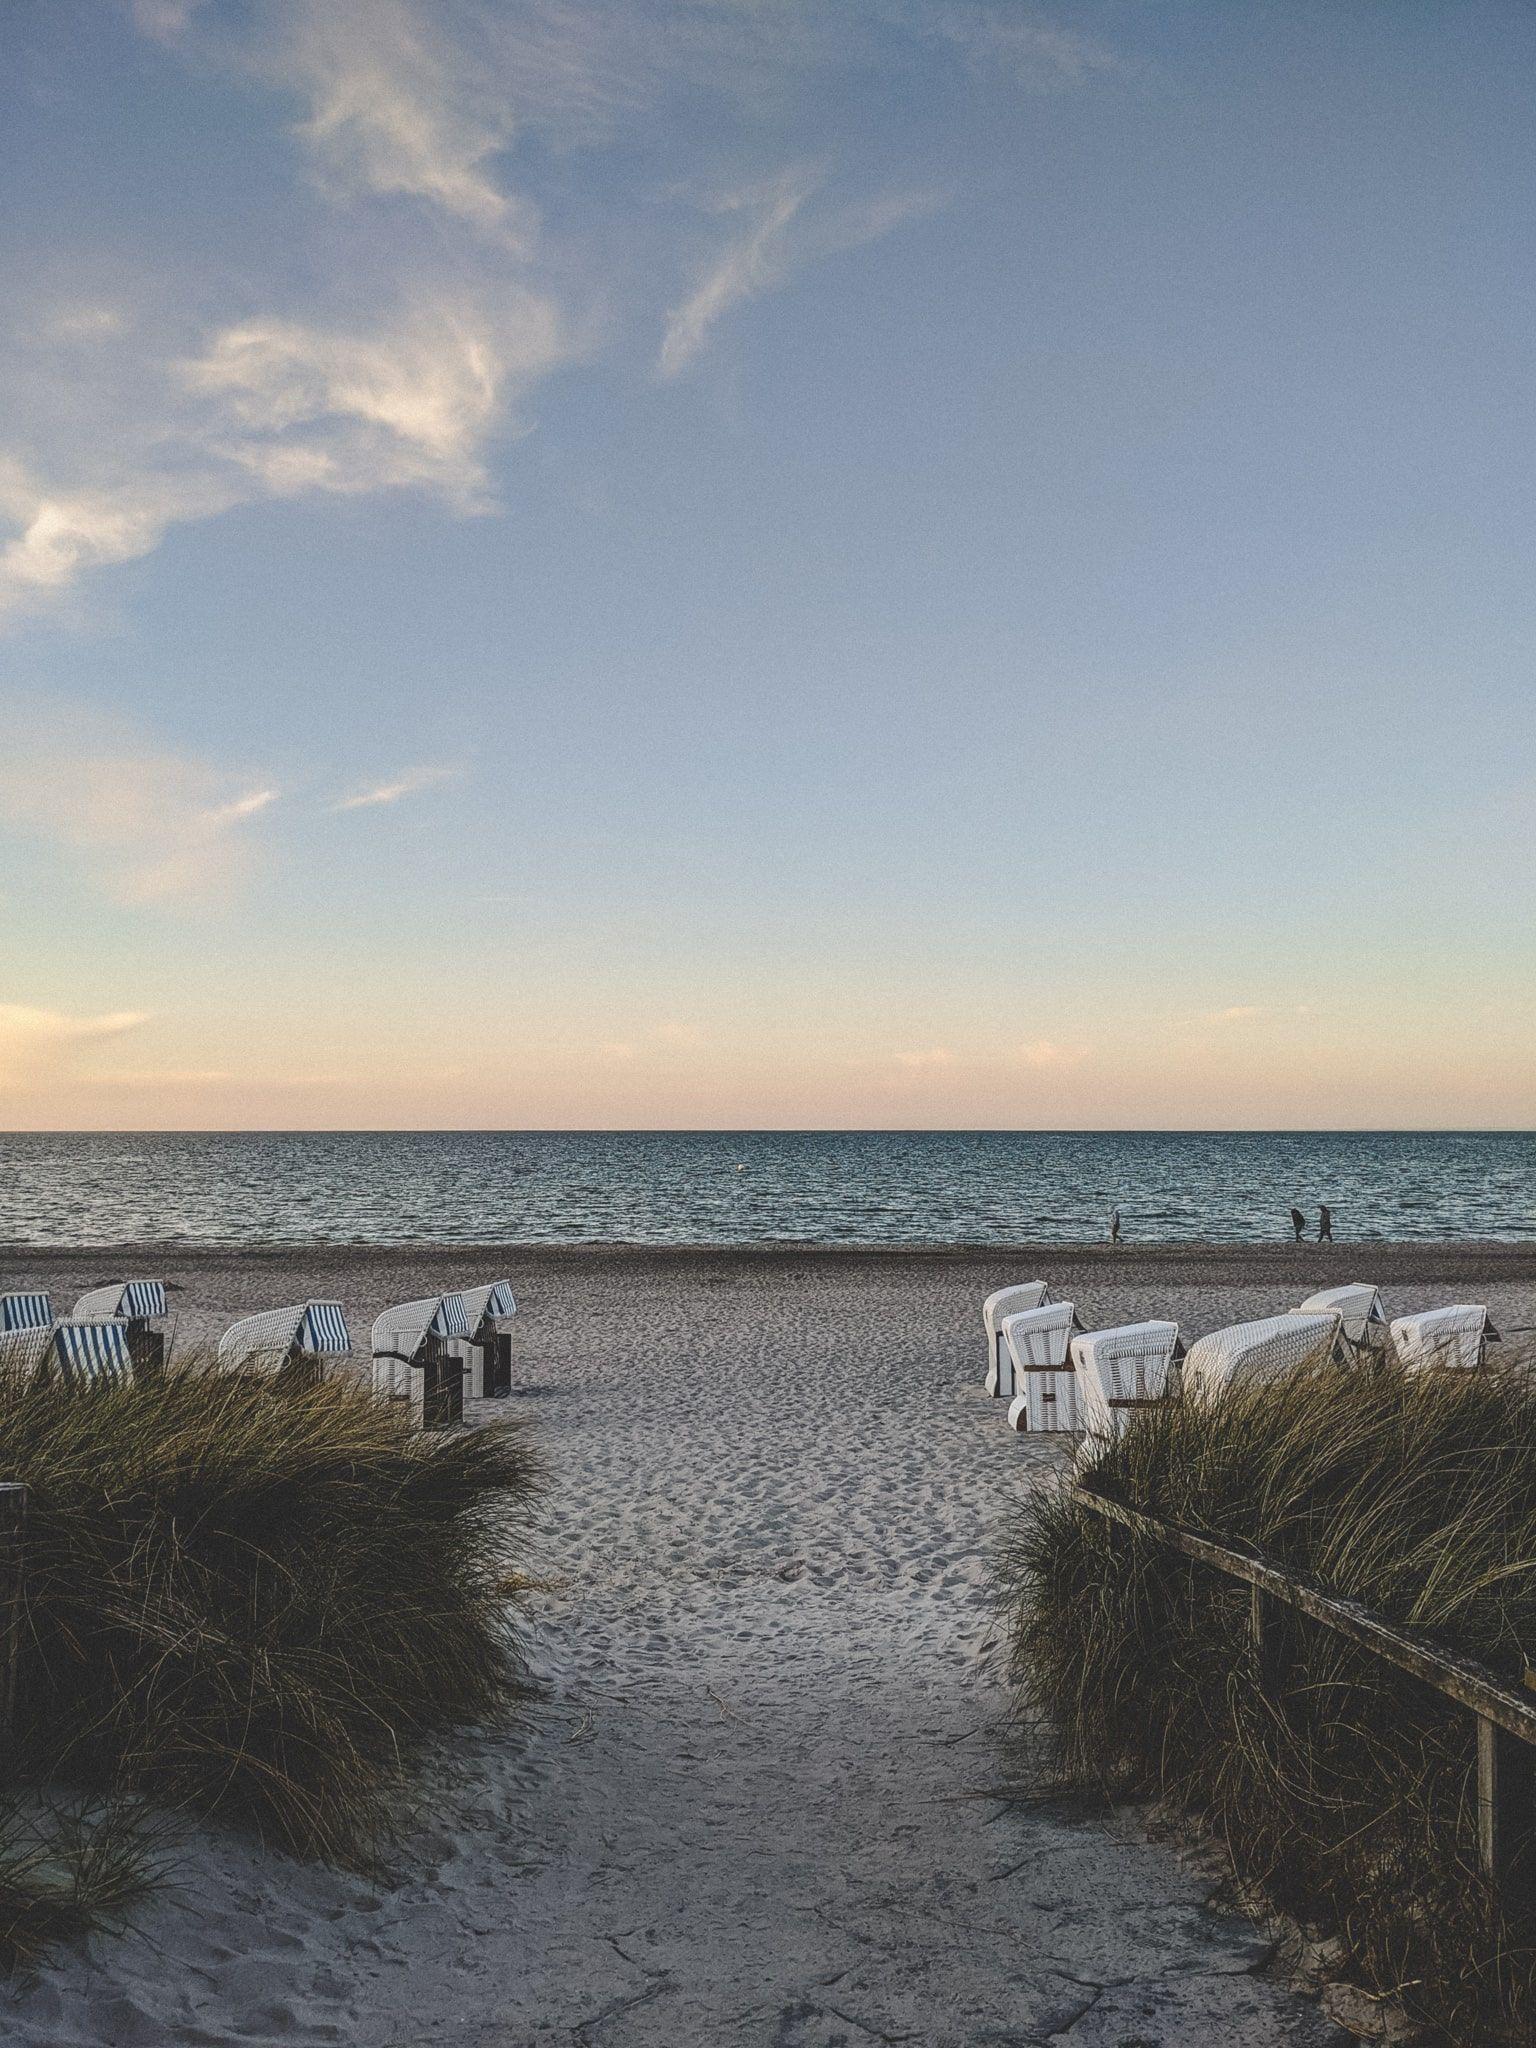 Boltenhagen Tipps - Der Strand zur Abenddämmerung